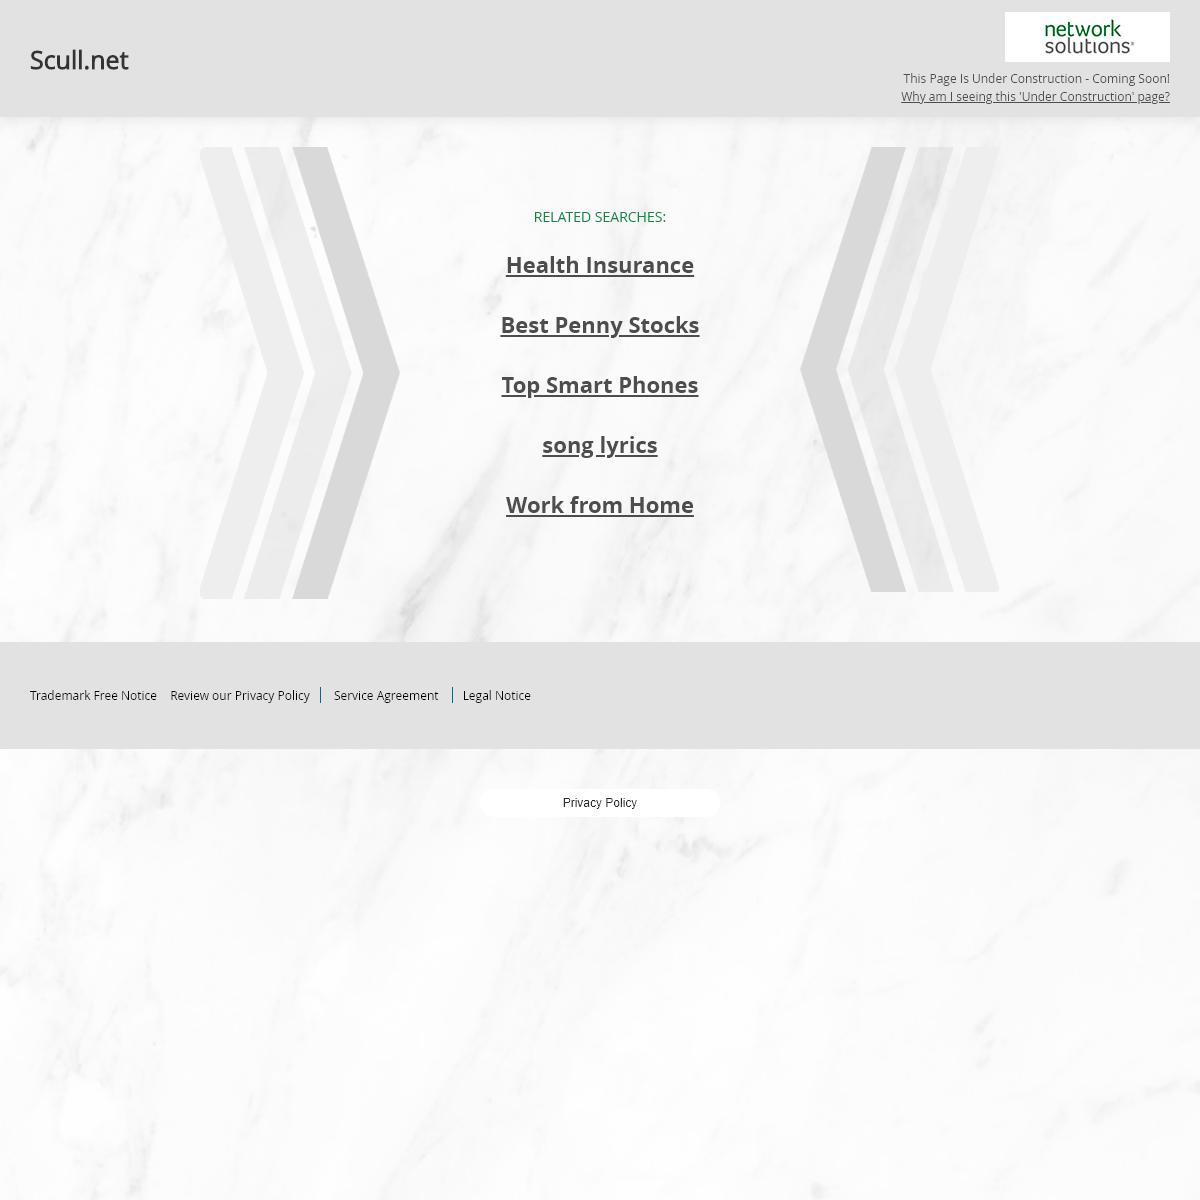 Scull.net